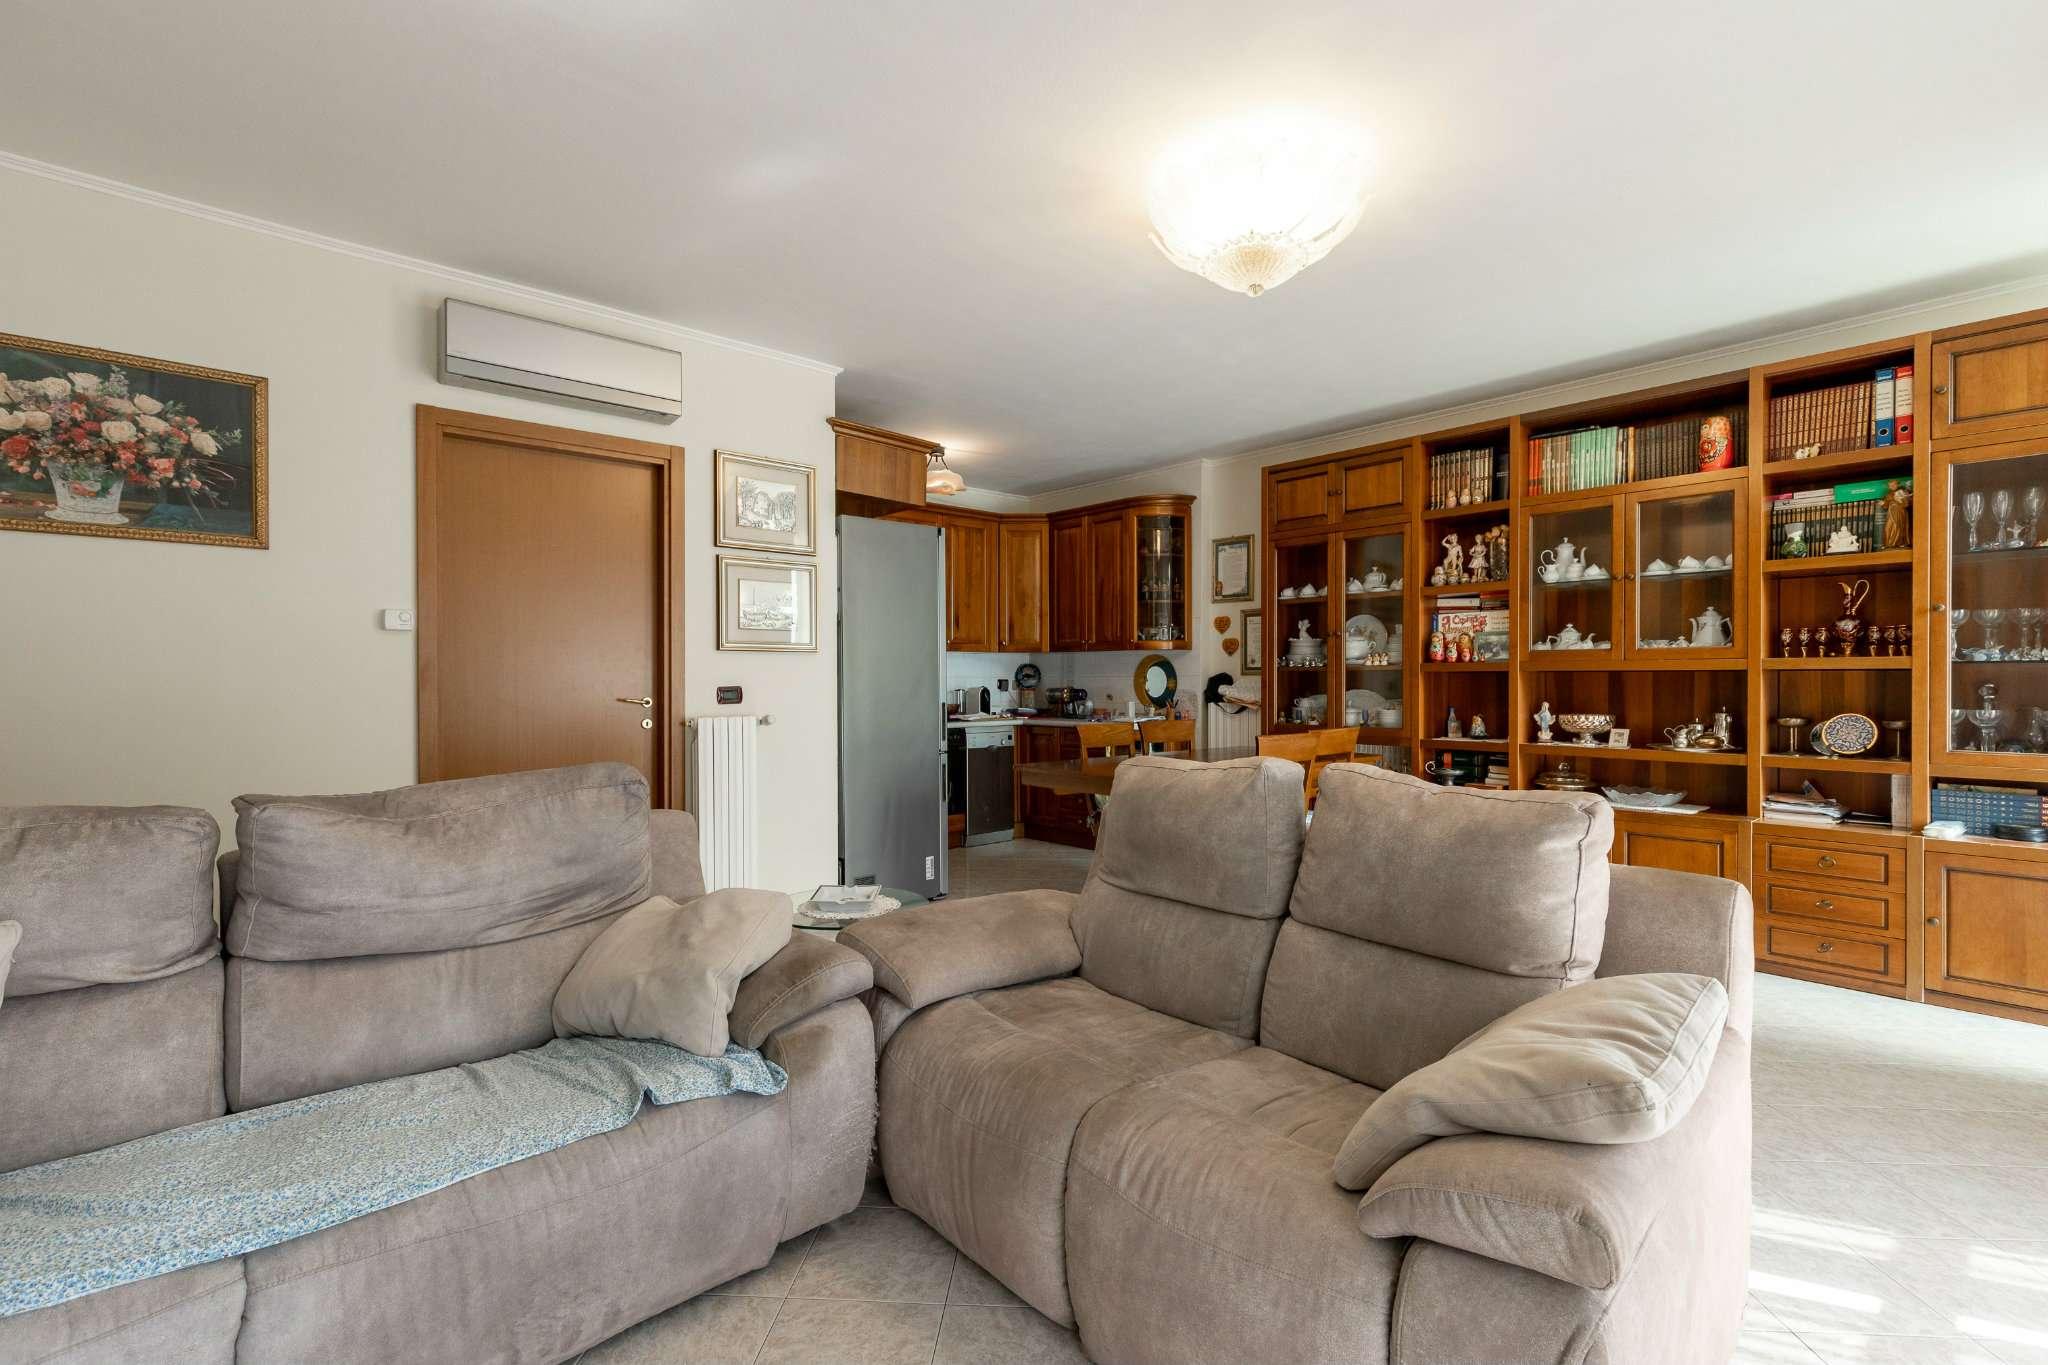 Appartamento in vendita a Buccinasco, 3 locali, prezzo € 285.000 | CambioCasa.it